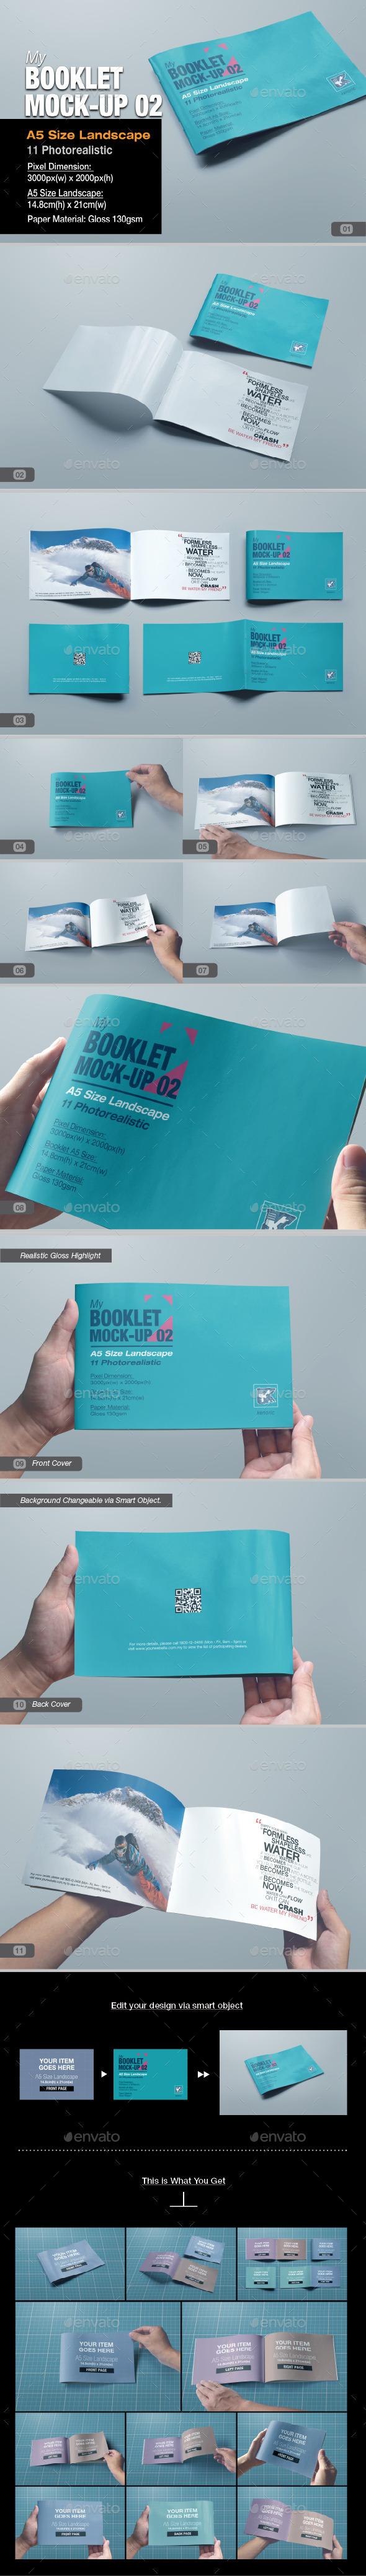 myBooklet Mock-up 02 - Print Product Mock-Ups